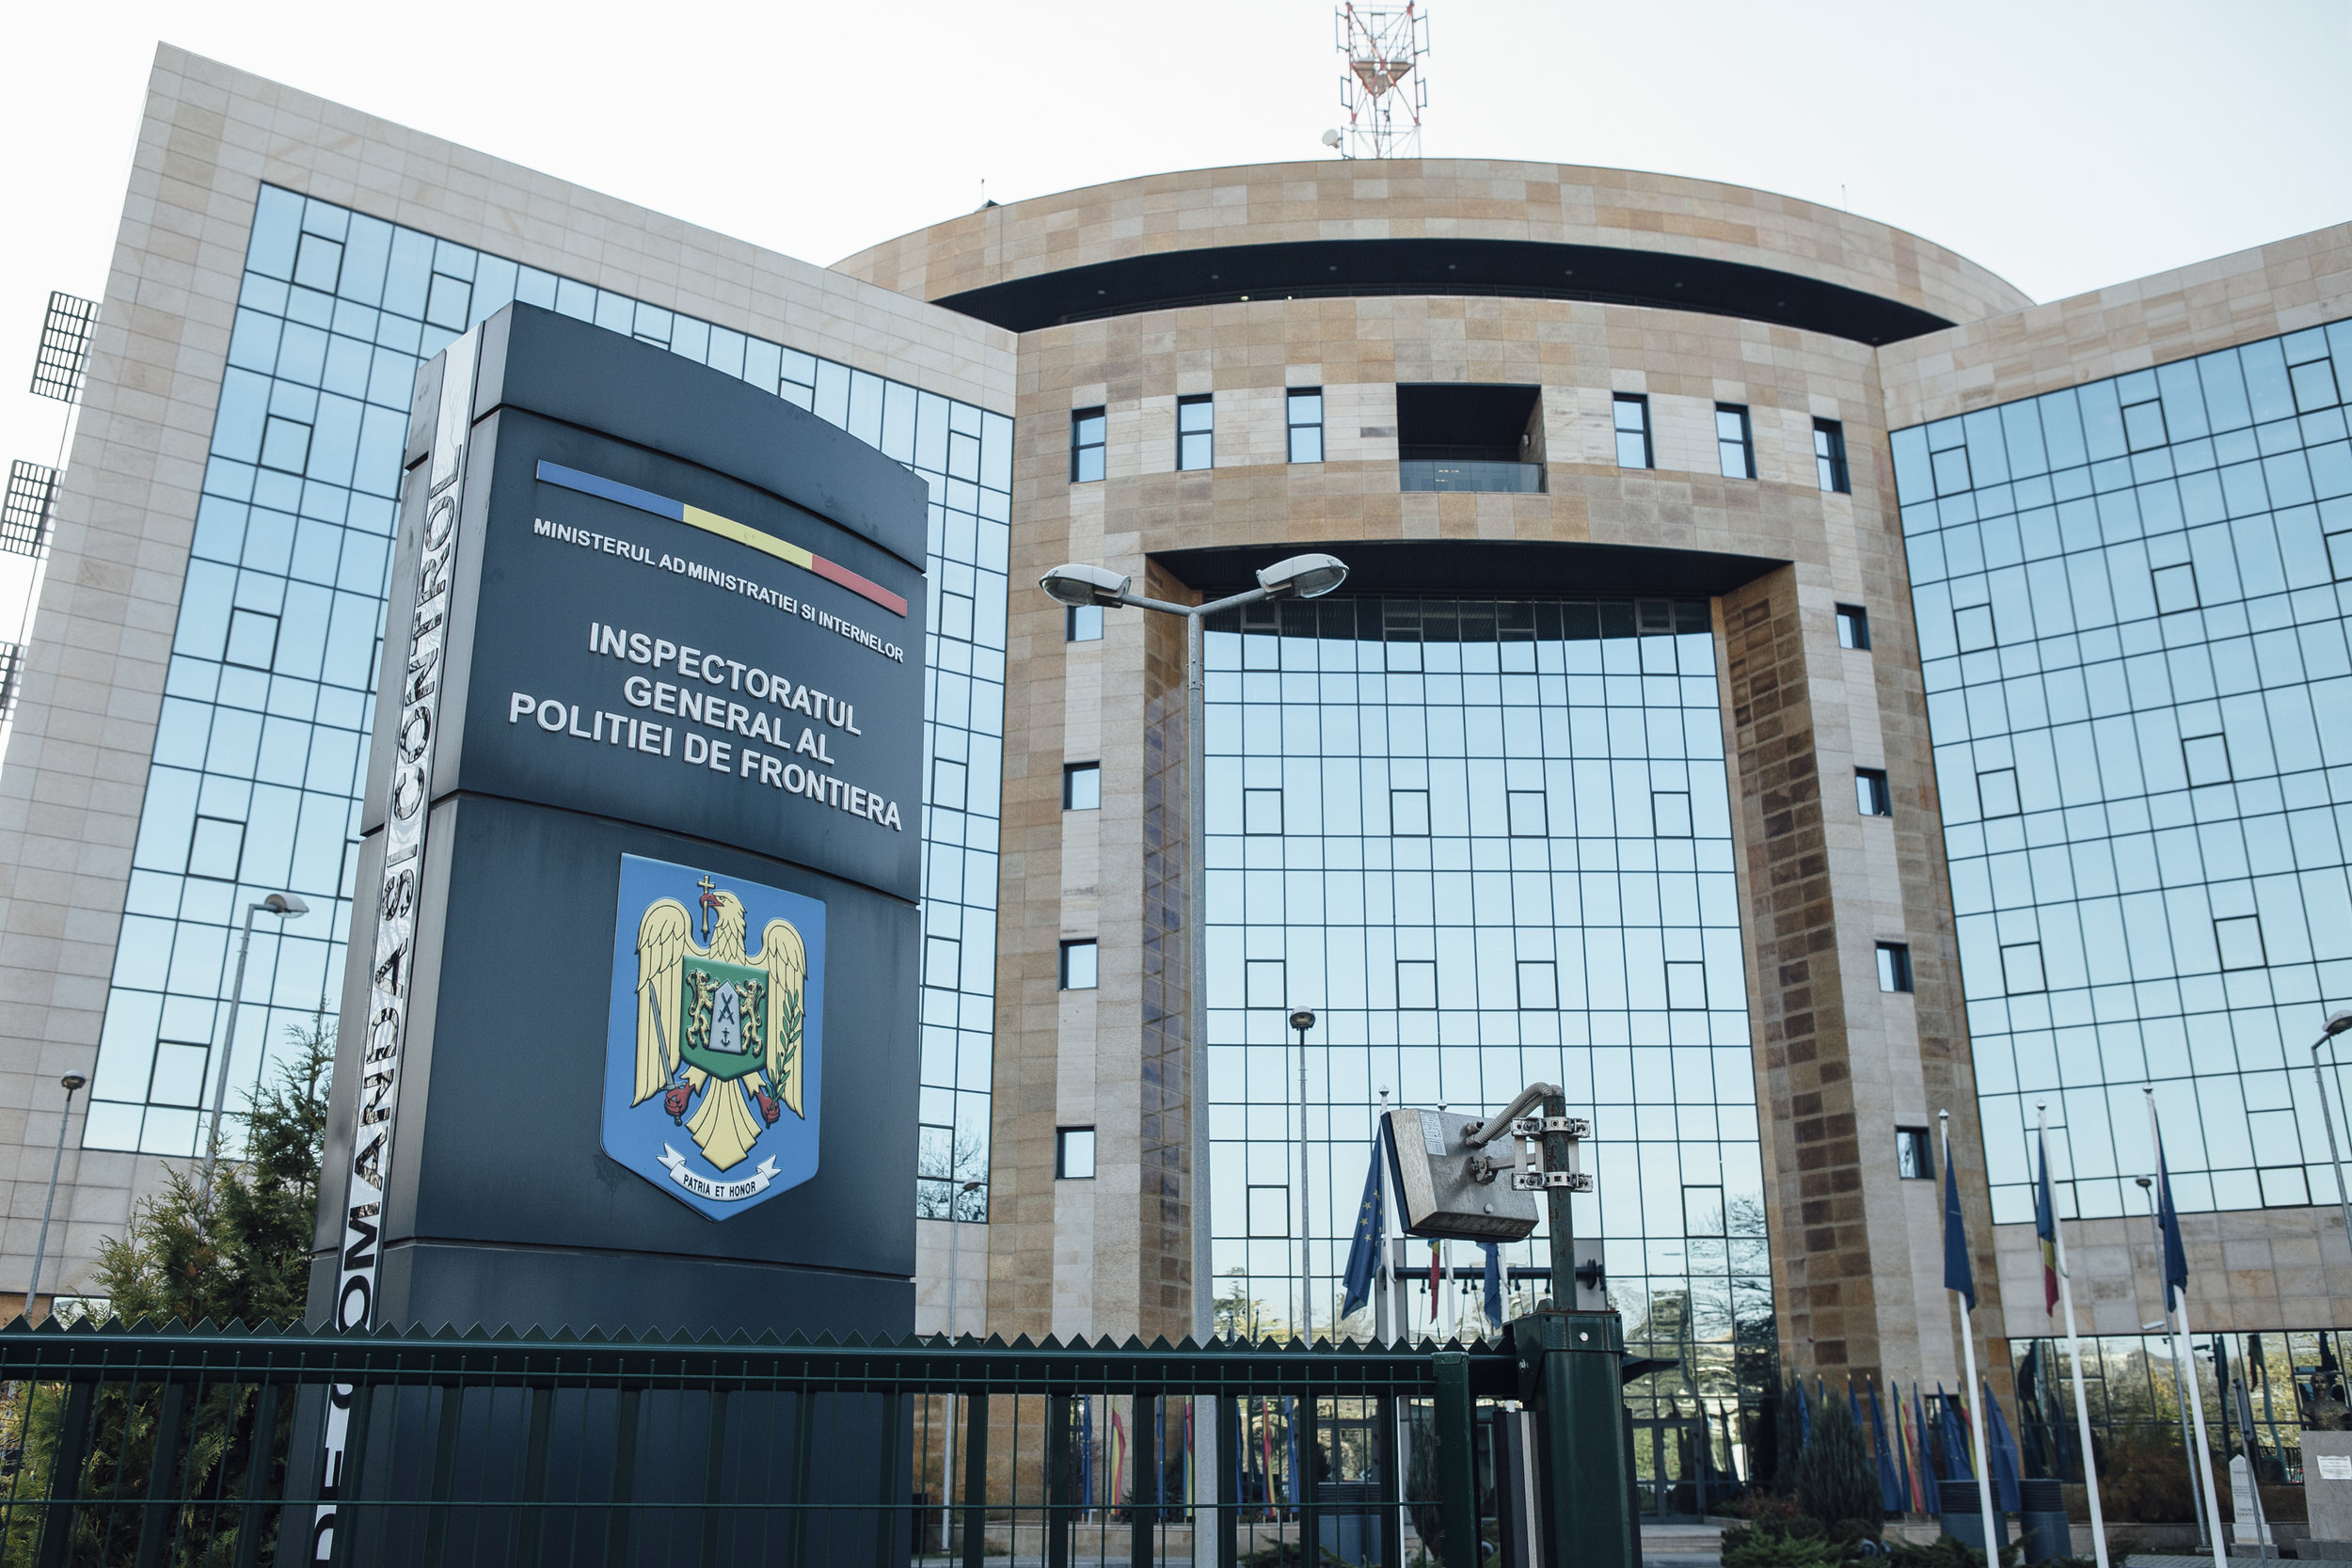 Hauptquartier der Grenzpolizei Bukarest